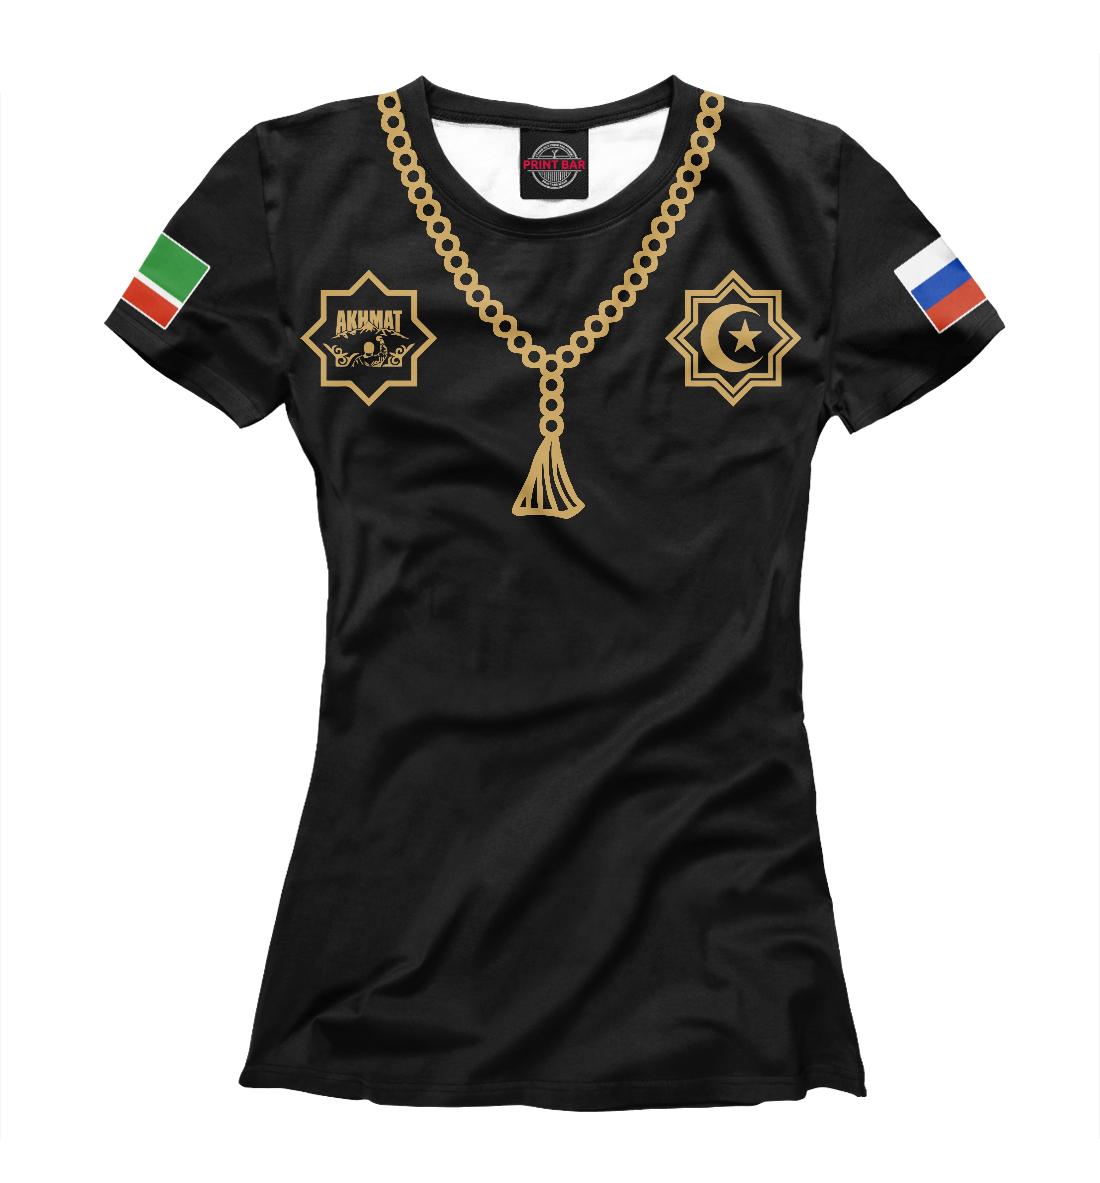 Купить Чечня Ахмат, Printbar, Футболки, AFC-490428-fut-1